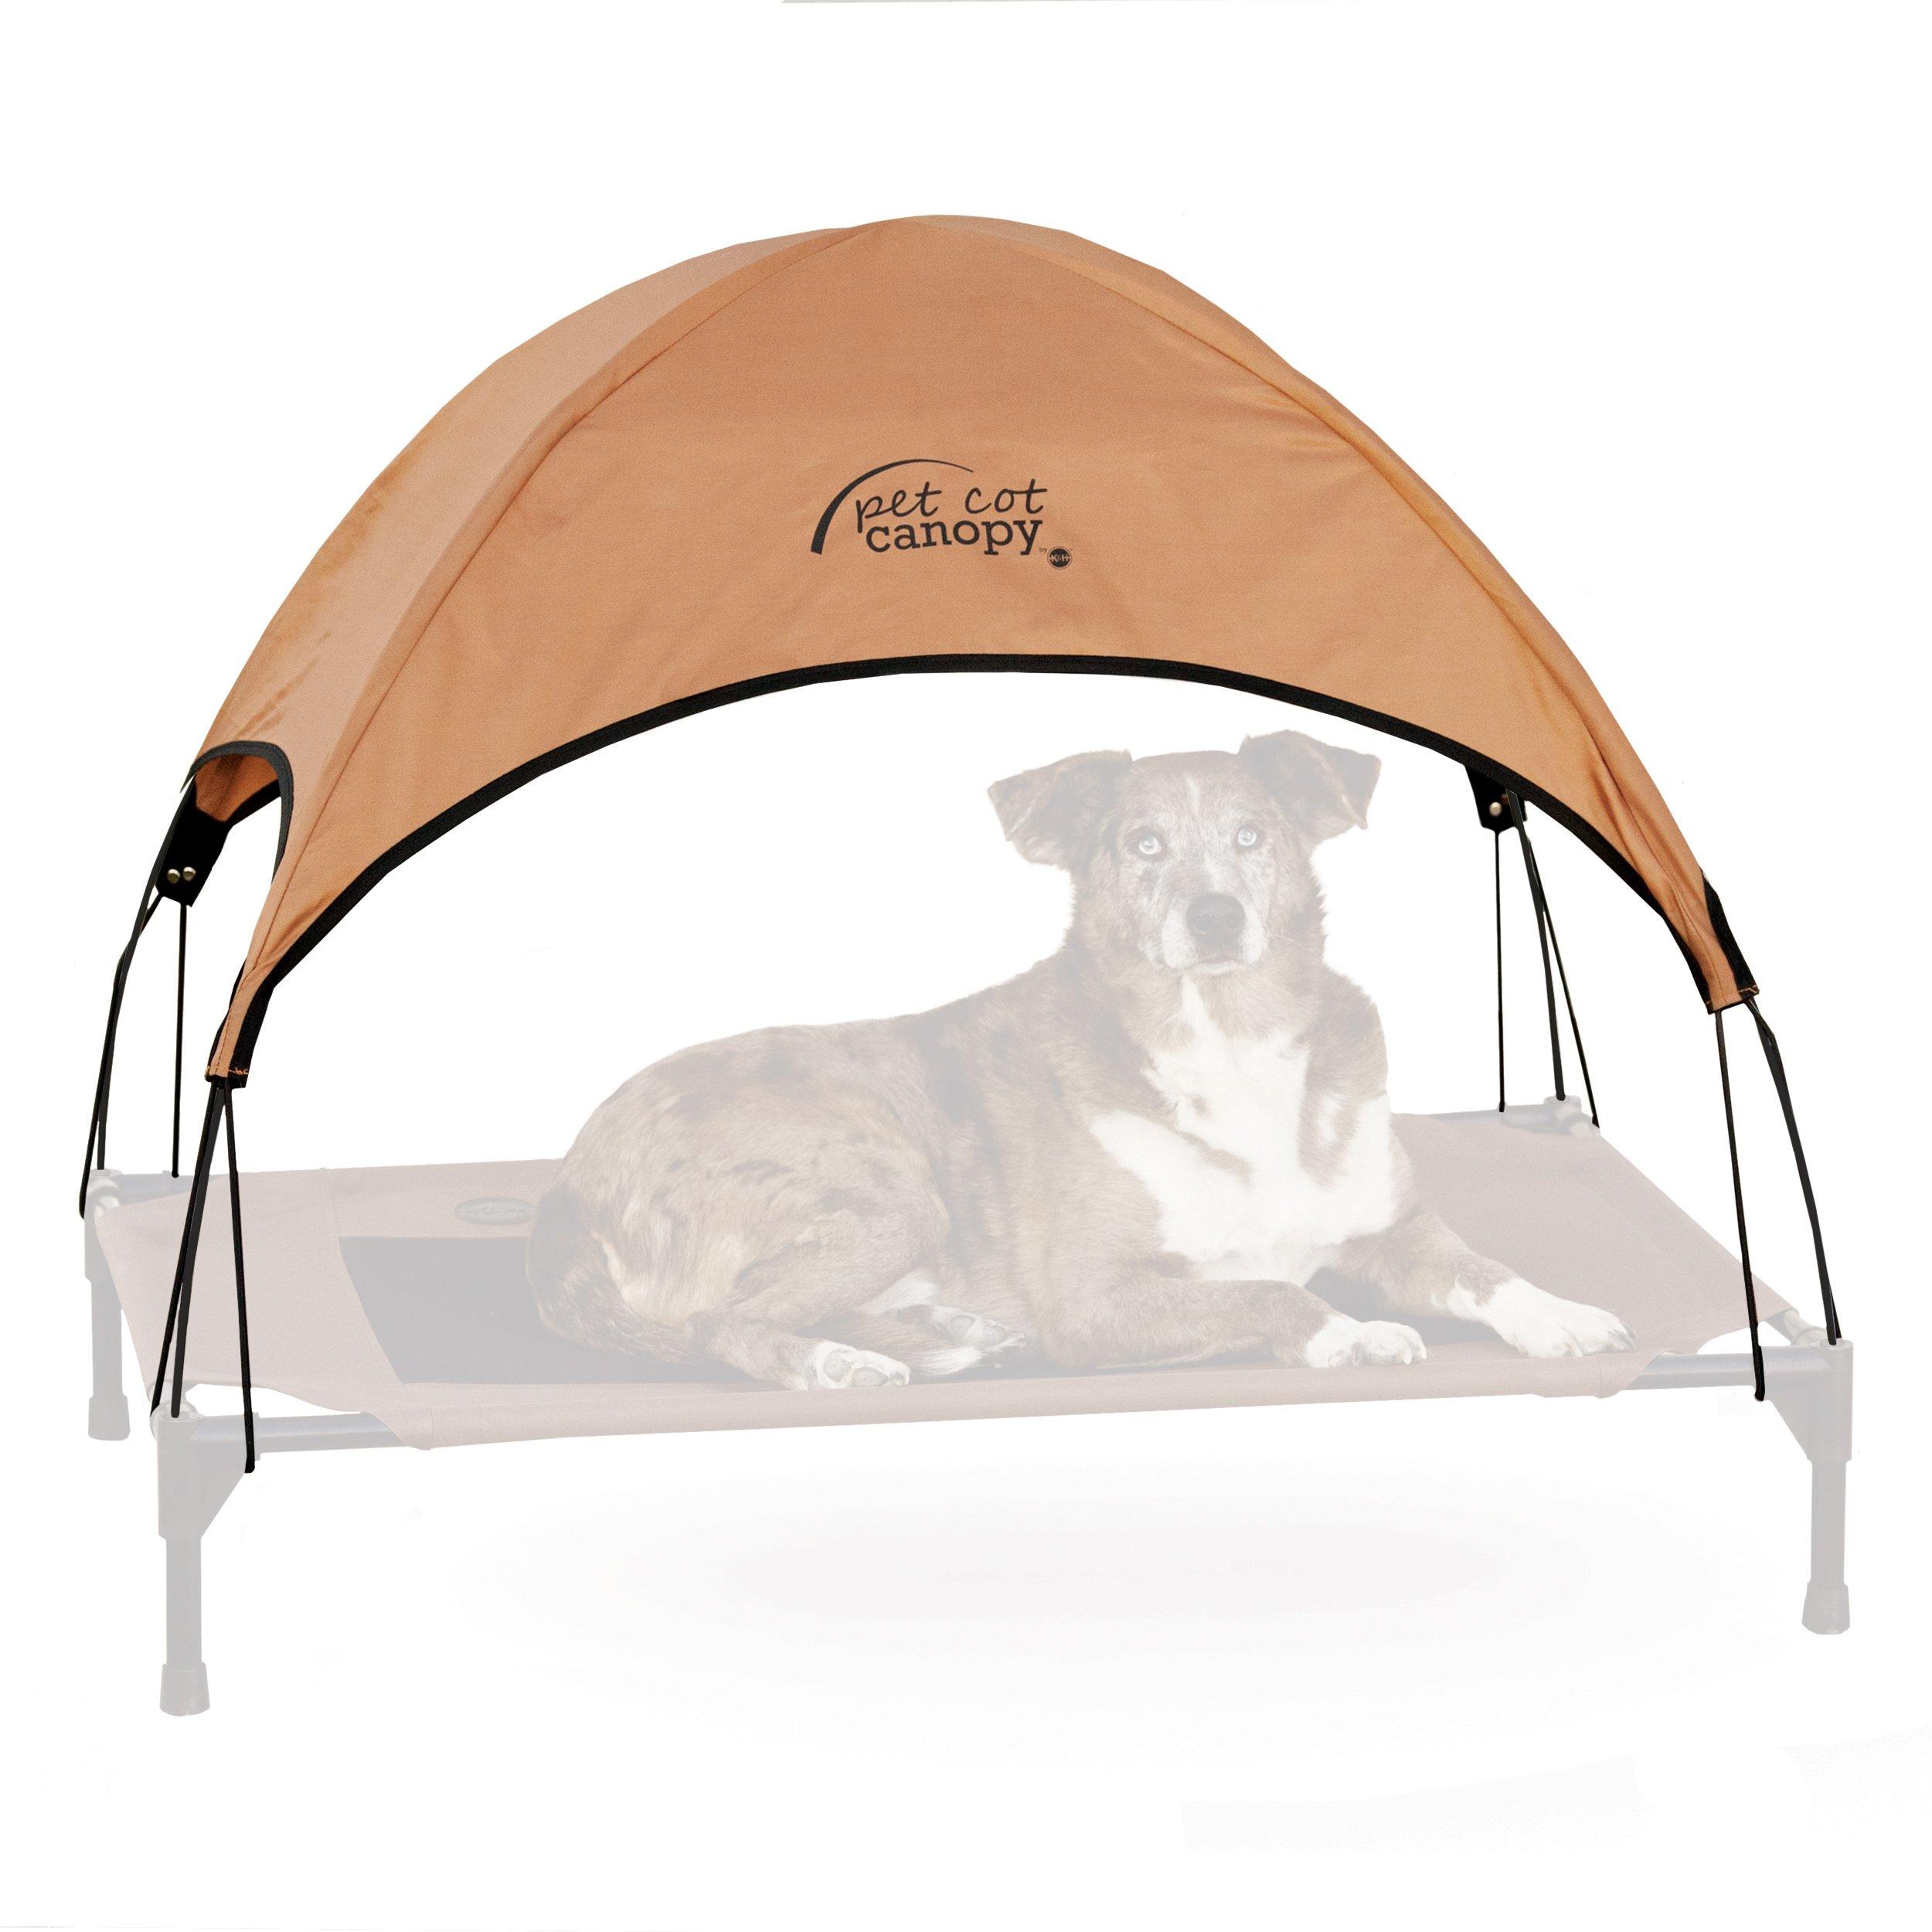 K&H Pet Products Pet Cot Canopy Large Tan 30'' x 42''